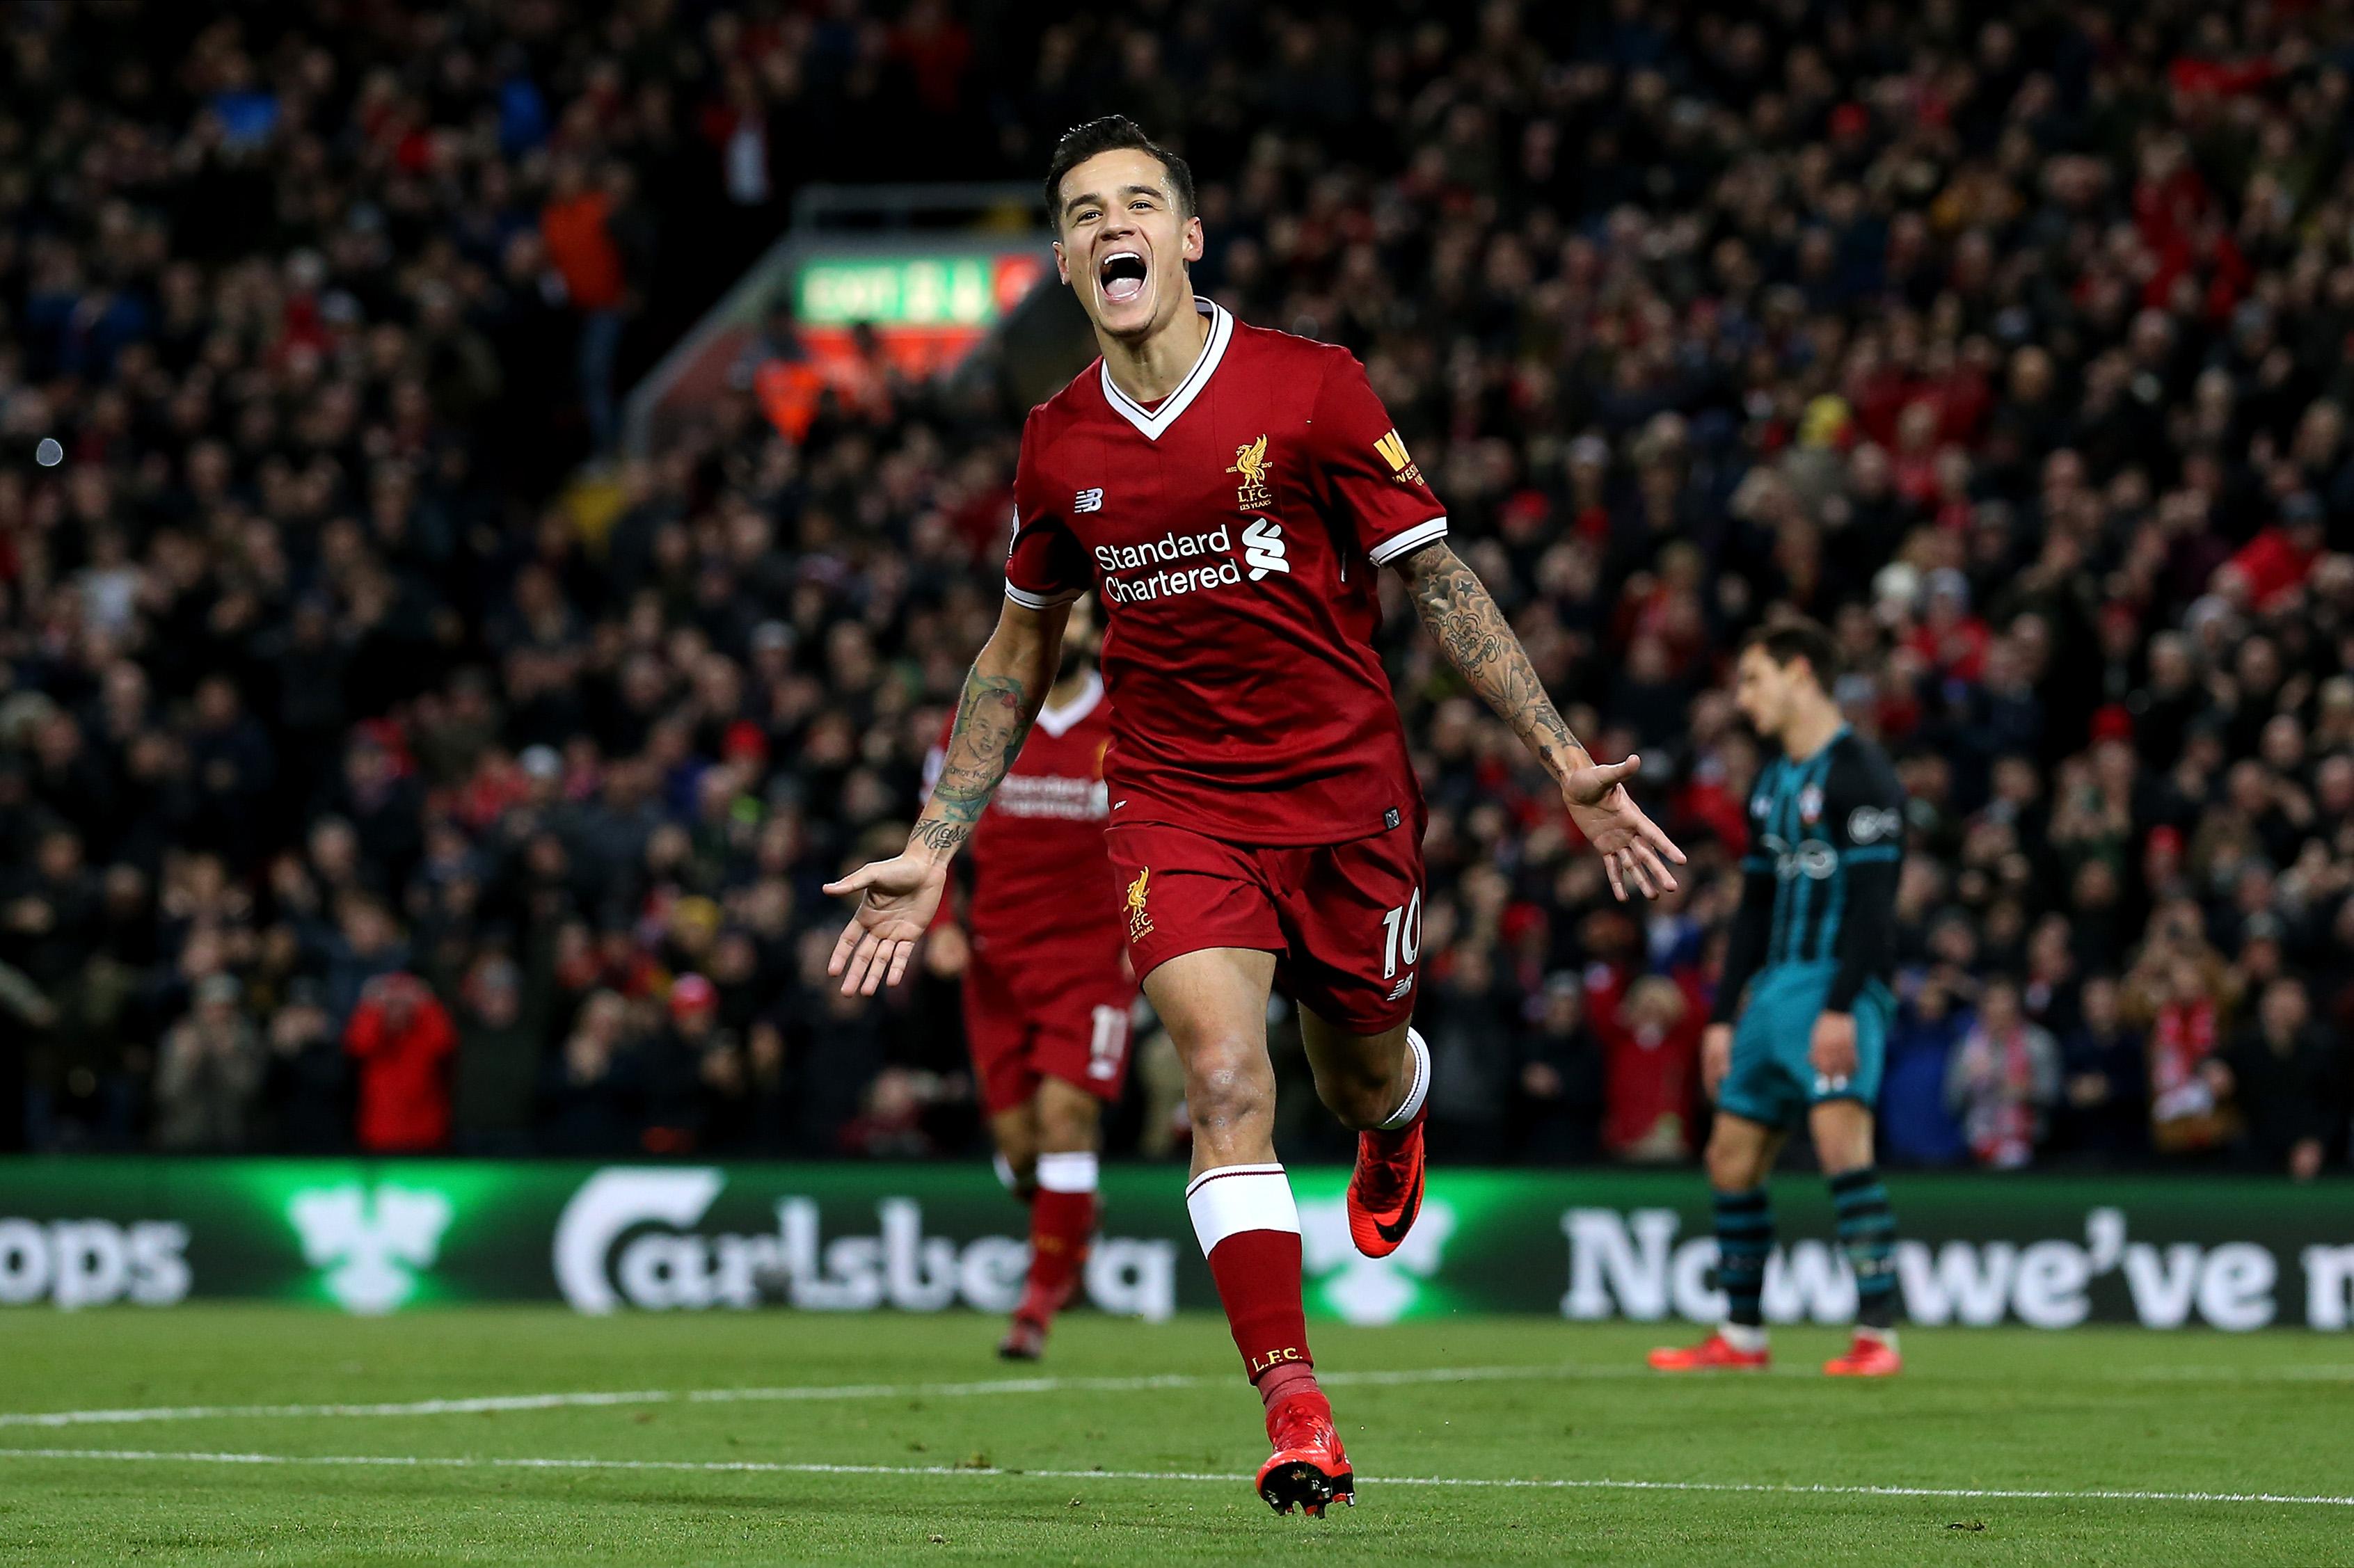 El Liverpool devolverá el dinero a quien haya comprado la playera de Coutinho esta temporada